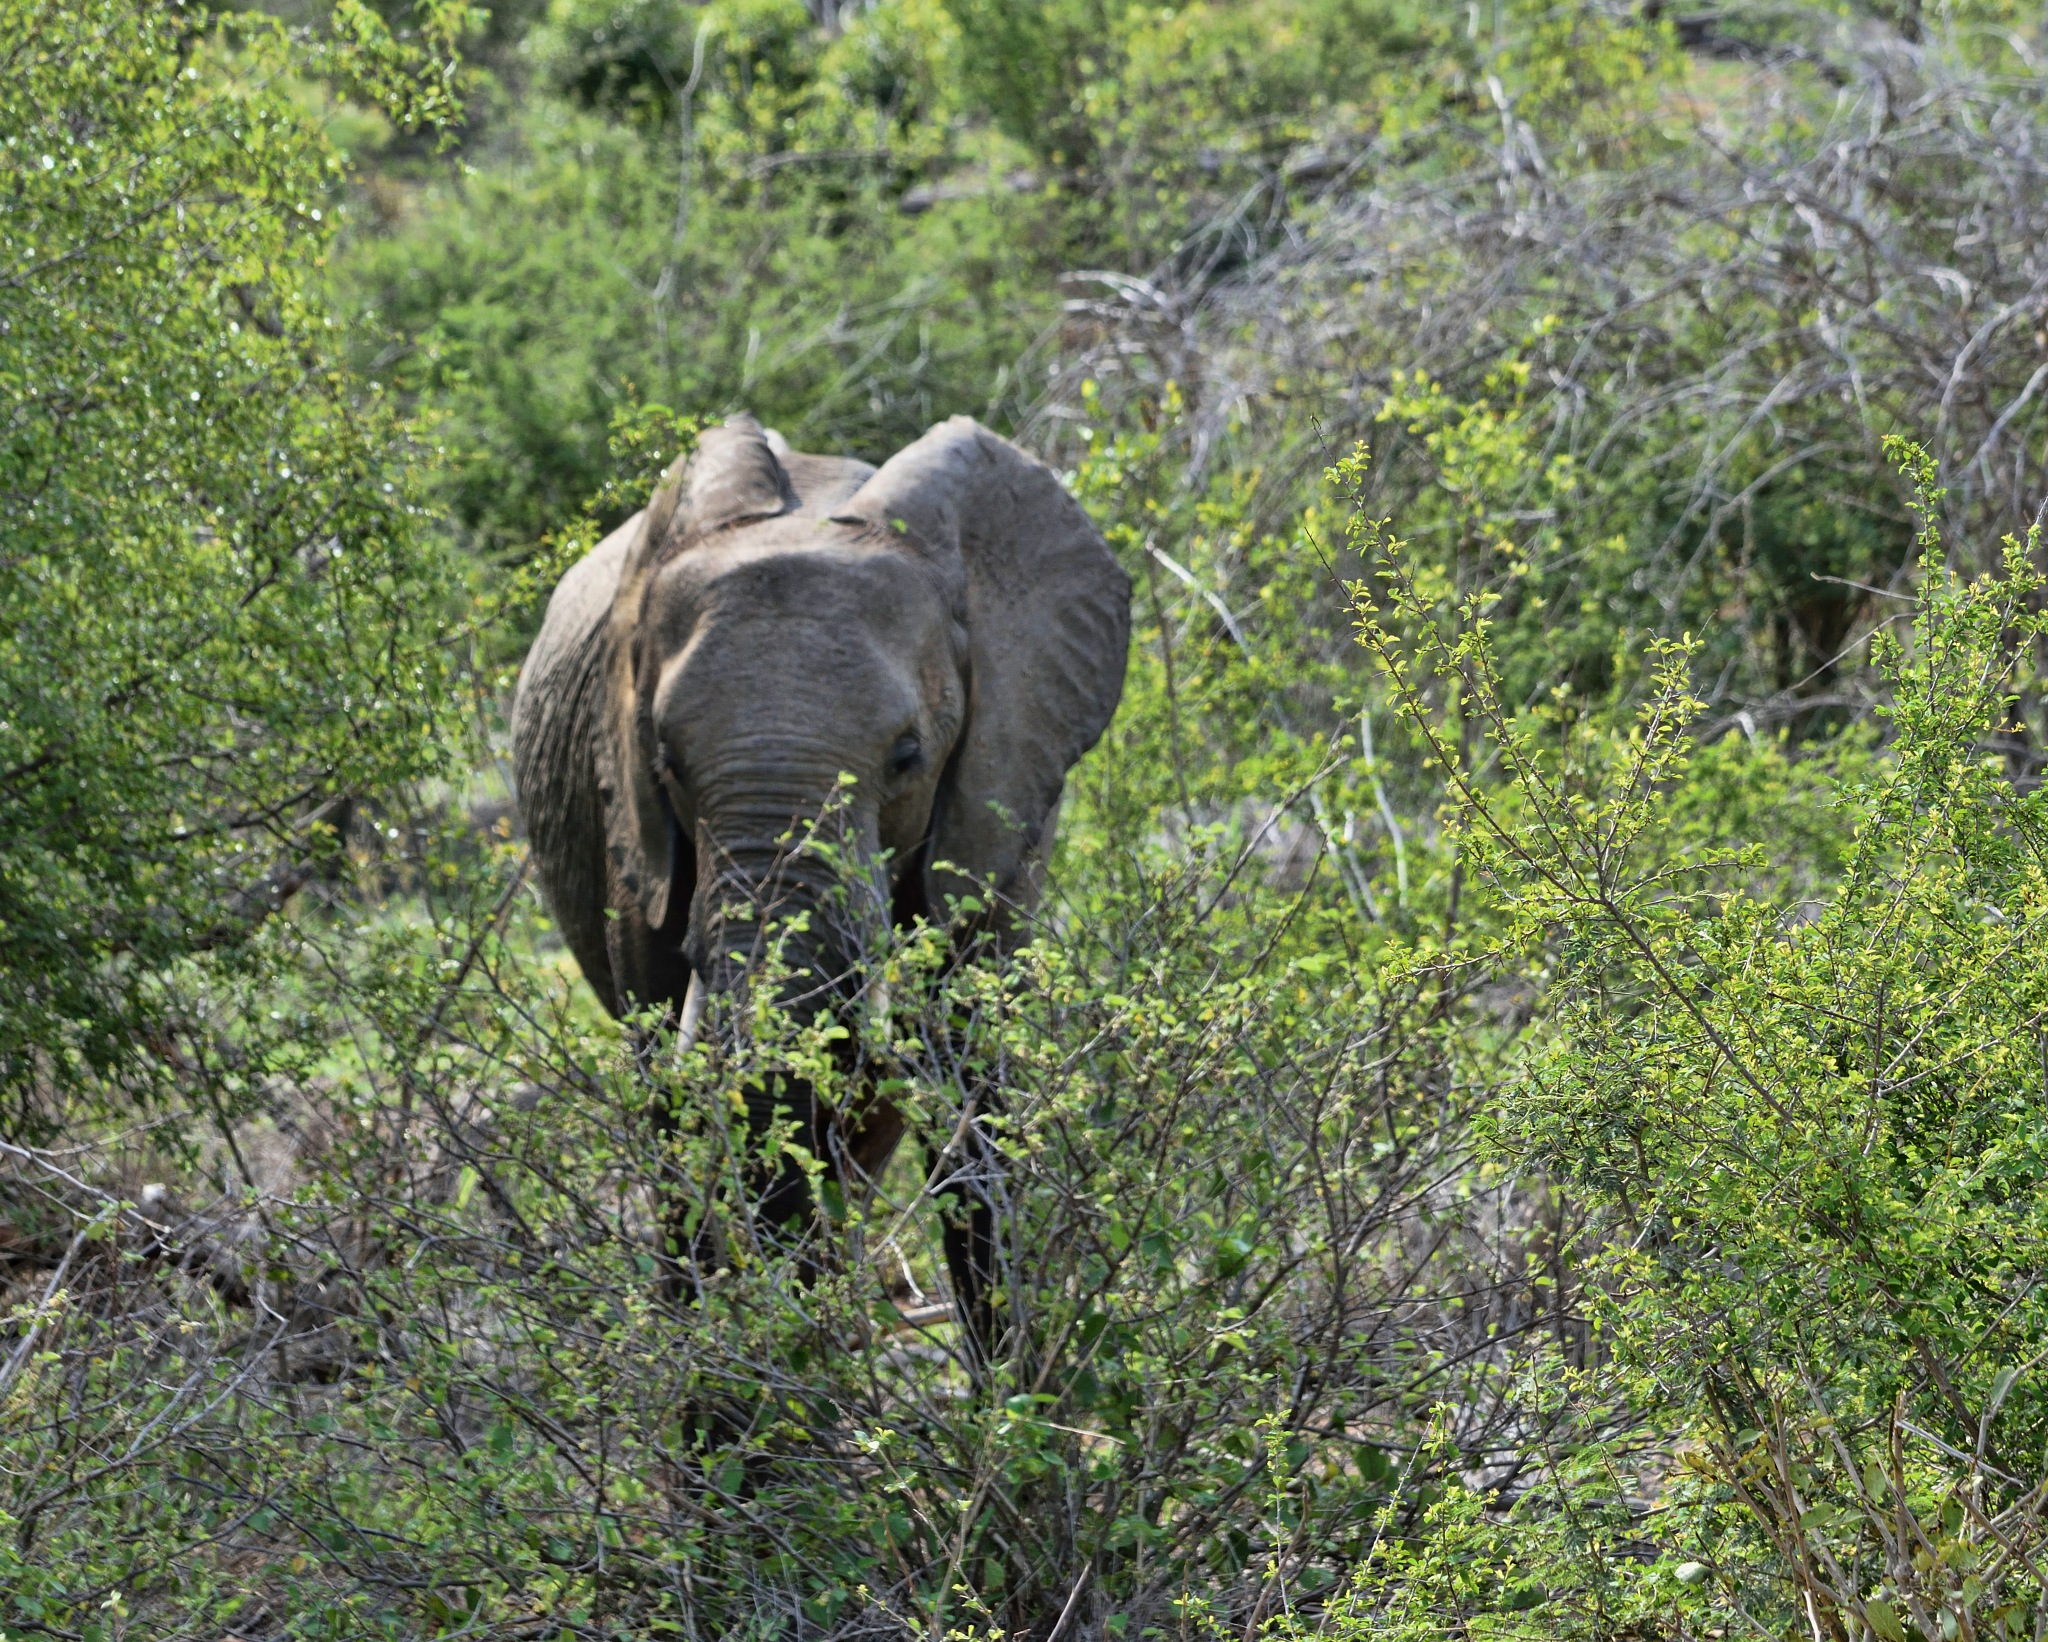 South Africa - Kruger Park (190) African Elephant by Derek Clarke